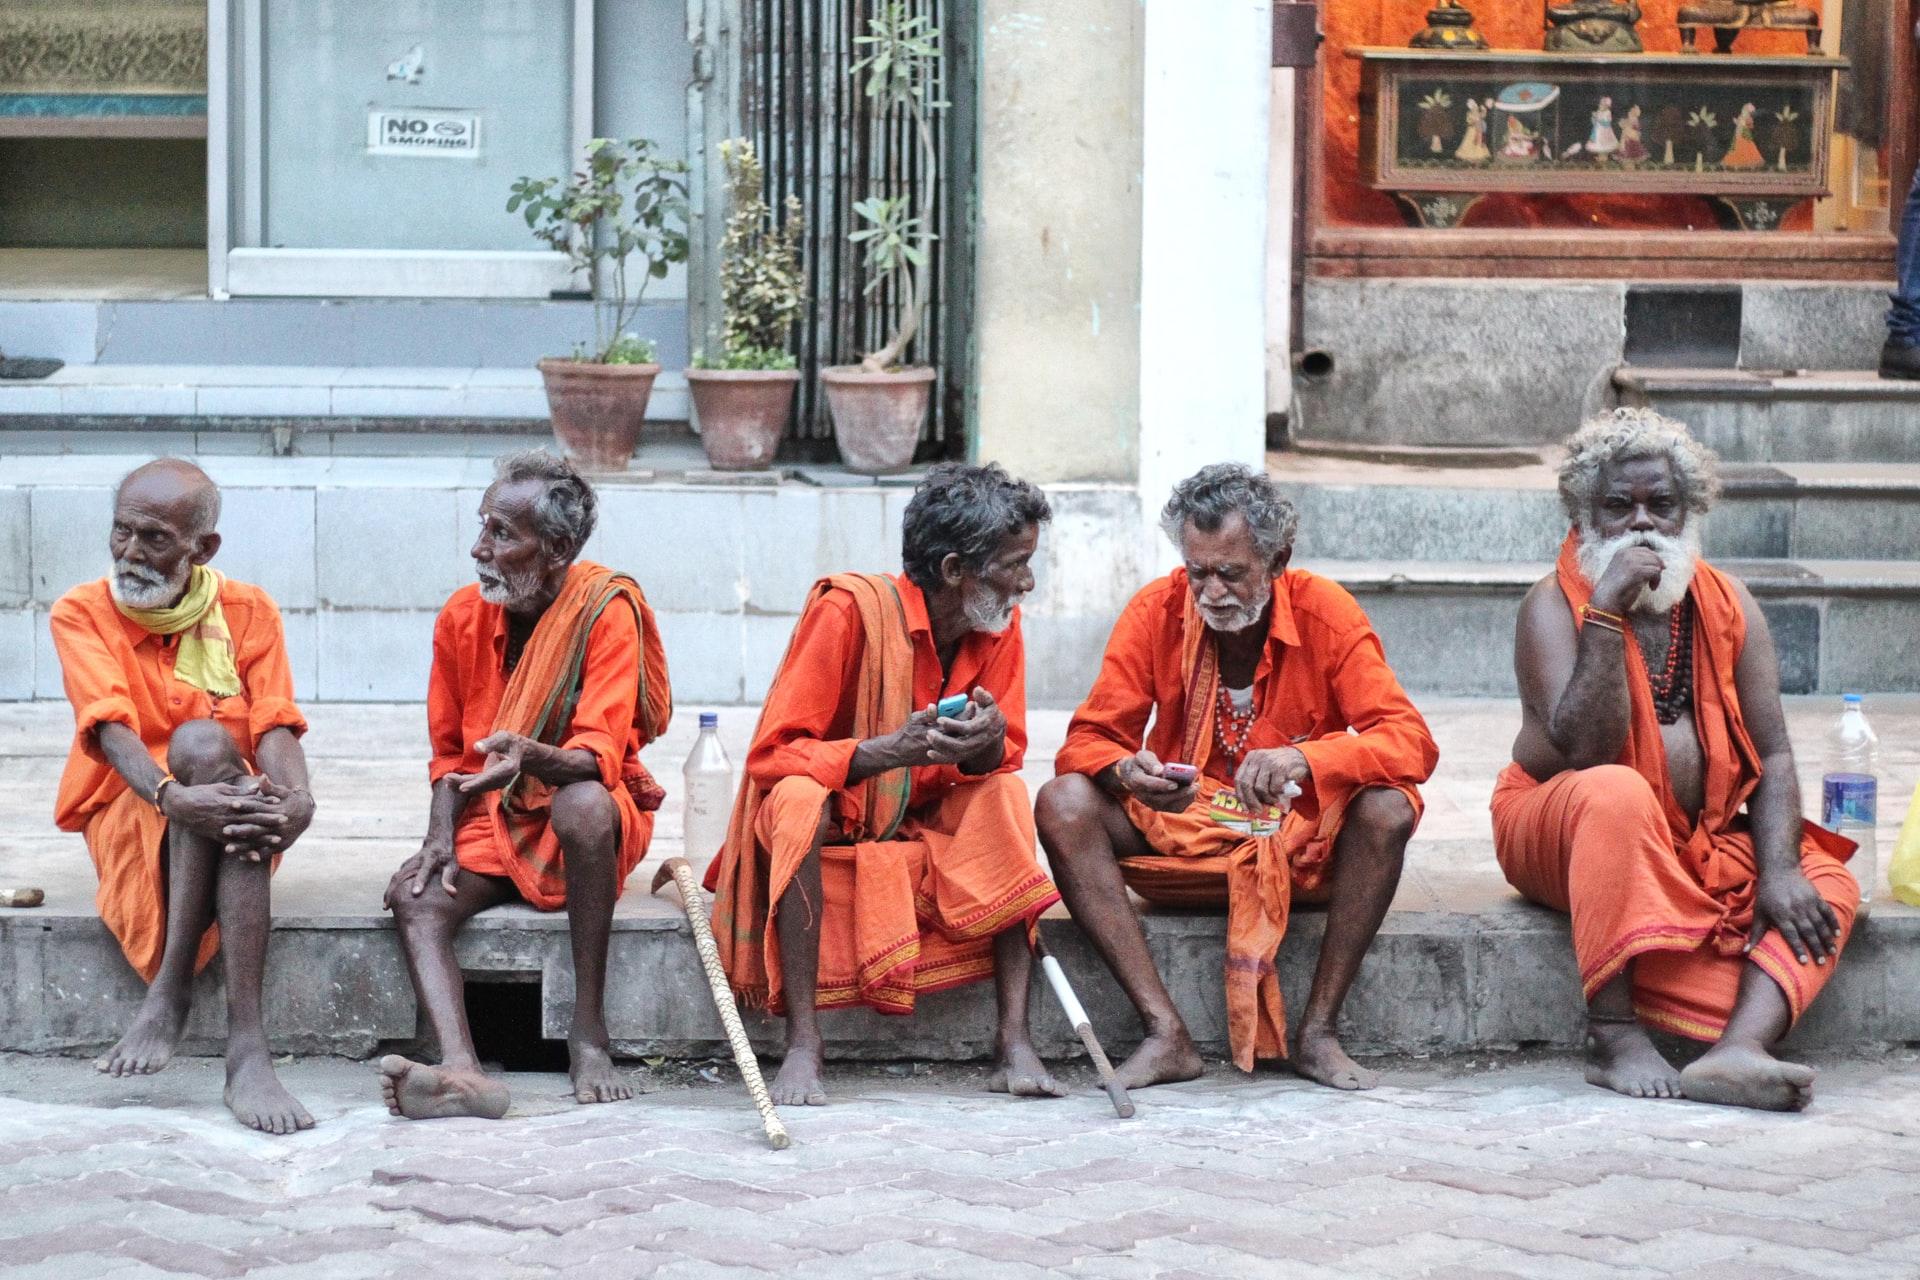 סגפנות בהודו - סאדו - באבאות